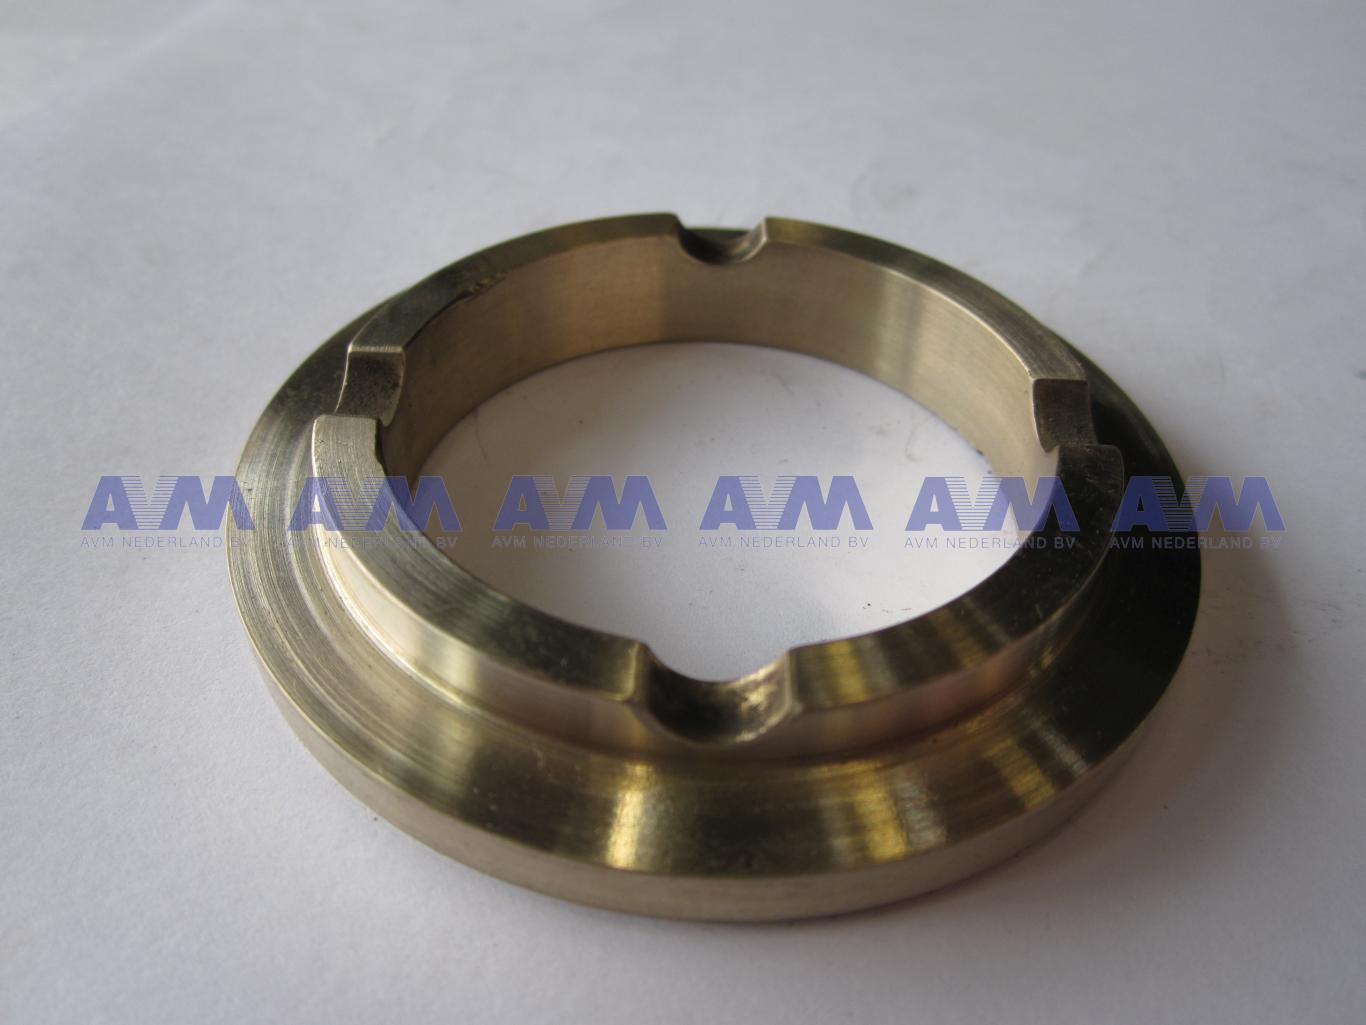 Aanloopring brons astap 77775573 PPM